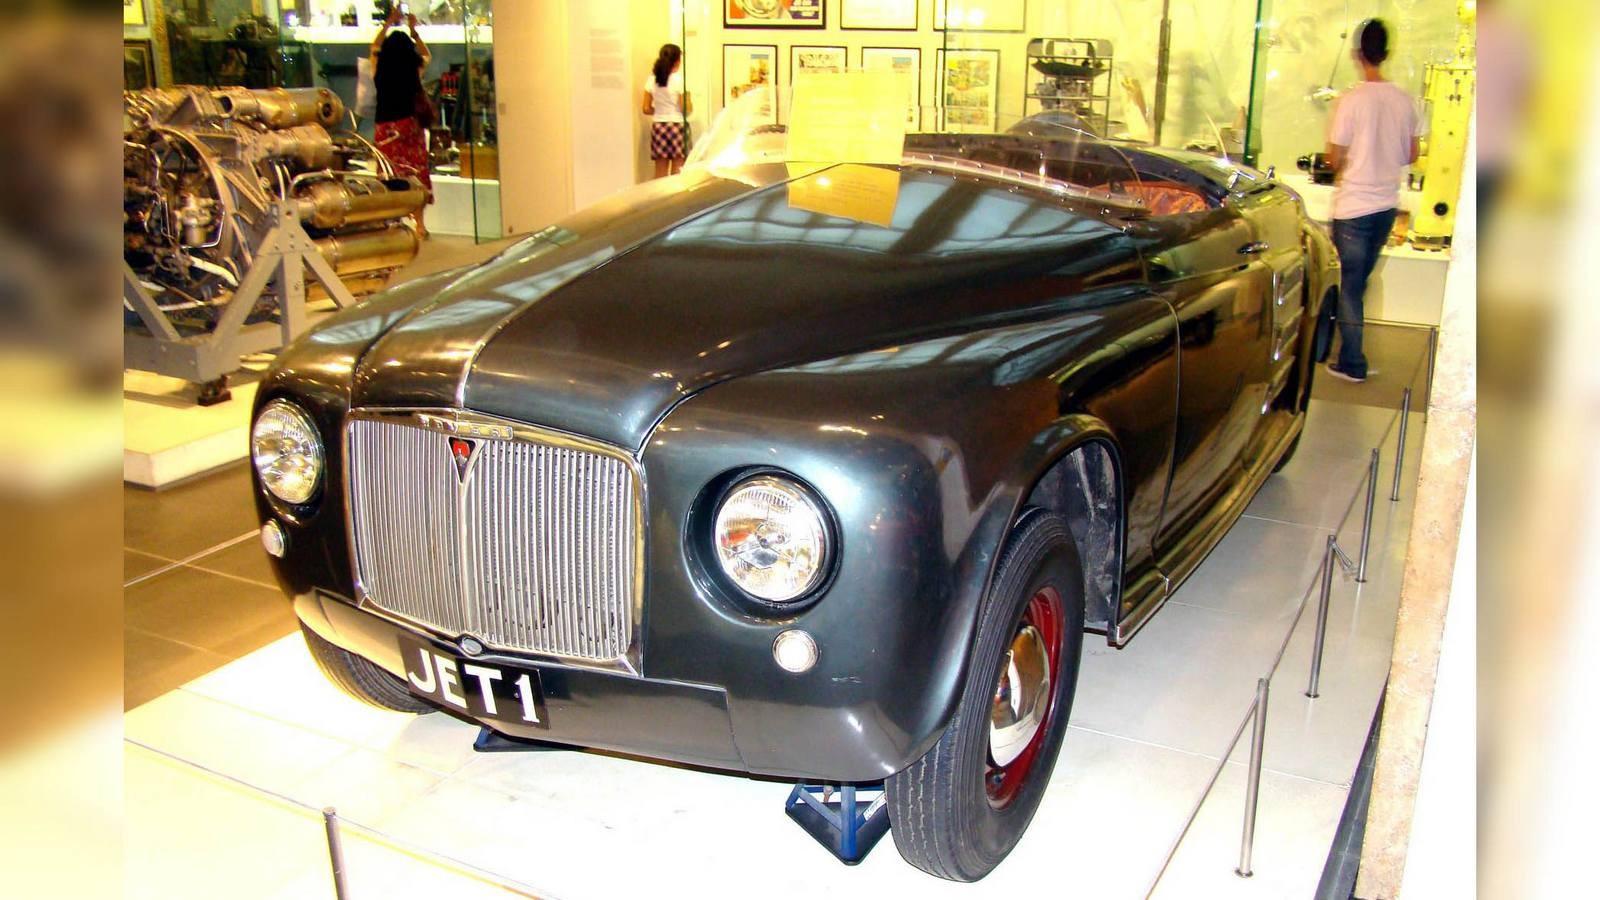 В 1956 году фирма Rover вернулась к ГТД второго поколения с новой 100-сильной турбиной 2S/100 и теплообменником производства компании British Leyland. Ее смонтировали в задней части полноприводного автомобиля Т-3 с двухместным стеклопластиковым кузовом на сварной раме с алюминиевыми усилителями и дисковыми тормозами. Максимальная скорость достигала 170 км/ч, расход топлива сократился до 22 литров, но в то время компания уже не могла выделить крупных средств на продолжение этих работ.Испытания уникального полноприводного концепт-кара Rover T-3 с задней установкой ГТД. 1956 годГазотурбинный автомобиль-купе T-3 в экспозиции Heritage Motor Centre в ГайдонеНесмотря на огромные расходы, в 1961-м появилась переднеприводная легковушка Т-4 с 140-сильным агрегатом 2S/140 переднего расположения и четырехместным несущим кузовом для будущей серийной модели Rover-2000. Она стала самой быстроходной дорожной машиной с ГТД (около 200 км/ч) и с места до «сотни» разгонялась за восемь секунд.Листалка из 3 фото с разными подписямиПодготовка к испытаниям четырехдверного седана Rover T-4 с передним приводом. 1961 годПоследняя газотурбинная машина компании Rover с кузовом, созданным для серийной модели Rover-2000Газотурбинный автомобиль Rover Т-4 из коллекции музея Heritage Motor Centre GaydonДополнением к серии Т-4 был удлиненный приземистый спортивный вариант Rover-BRM с задним приводом и двухместным кузовом купе, созданный совместно с фирмой BRM. До середины 1970-х он служил престижным и дорогим дорожным автомобилем и участвовал в крупных международных автогонках.Престижный дорожный вариант спортивного автомобиля Rover-BRM с газовой турбиной. 1965 годГазотурбинный уникум FIATС 1948 года разработкой скоростной газотурбинной машины Turbina занимался итальянский концерн FIAT, приняв за основу своё «нормальное» спортивное купе модели 8V и конструкции авиационных турбовинтовых моторов. Ее шасси собрали в феврале 1954-го, а 10 апреля на свет появился эффектный обтекаемый красно-белый автомоби